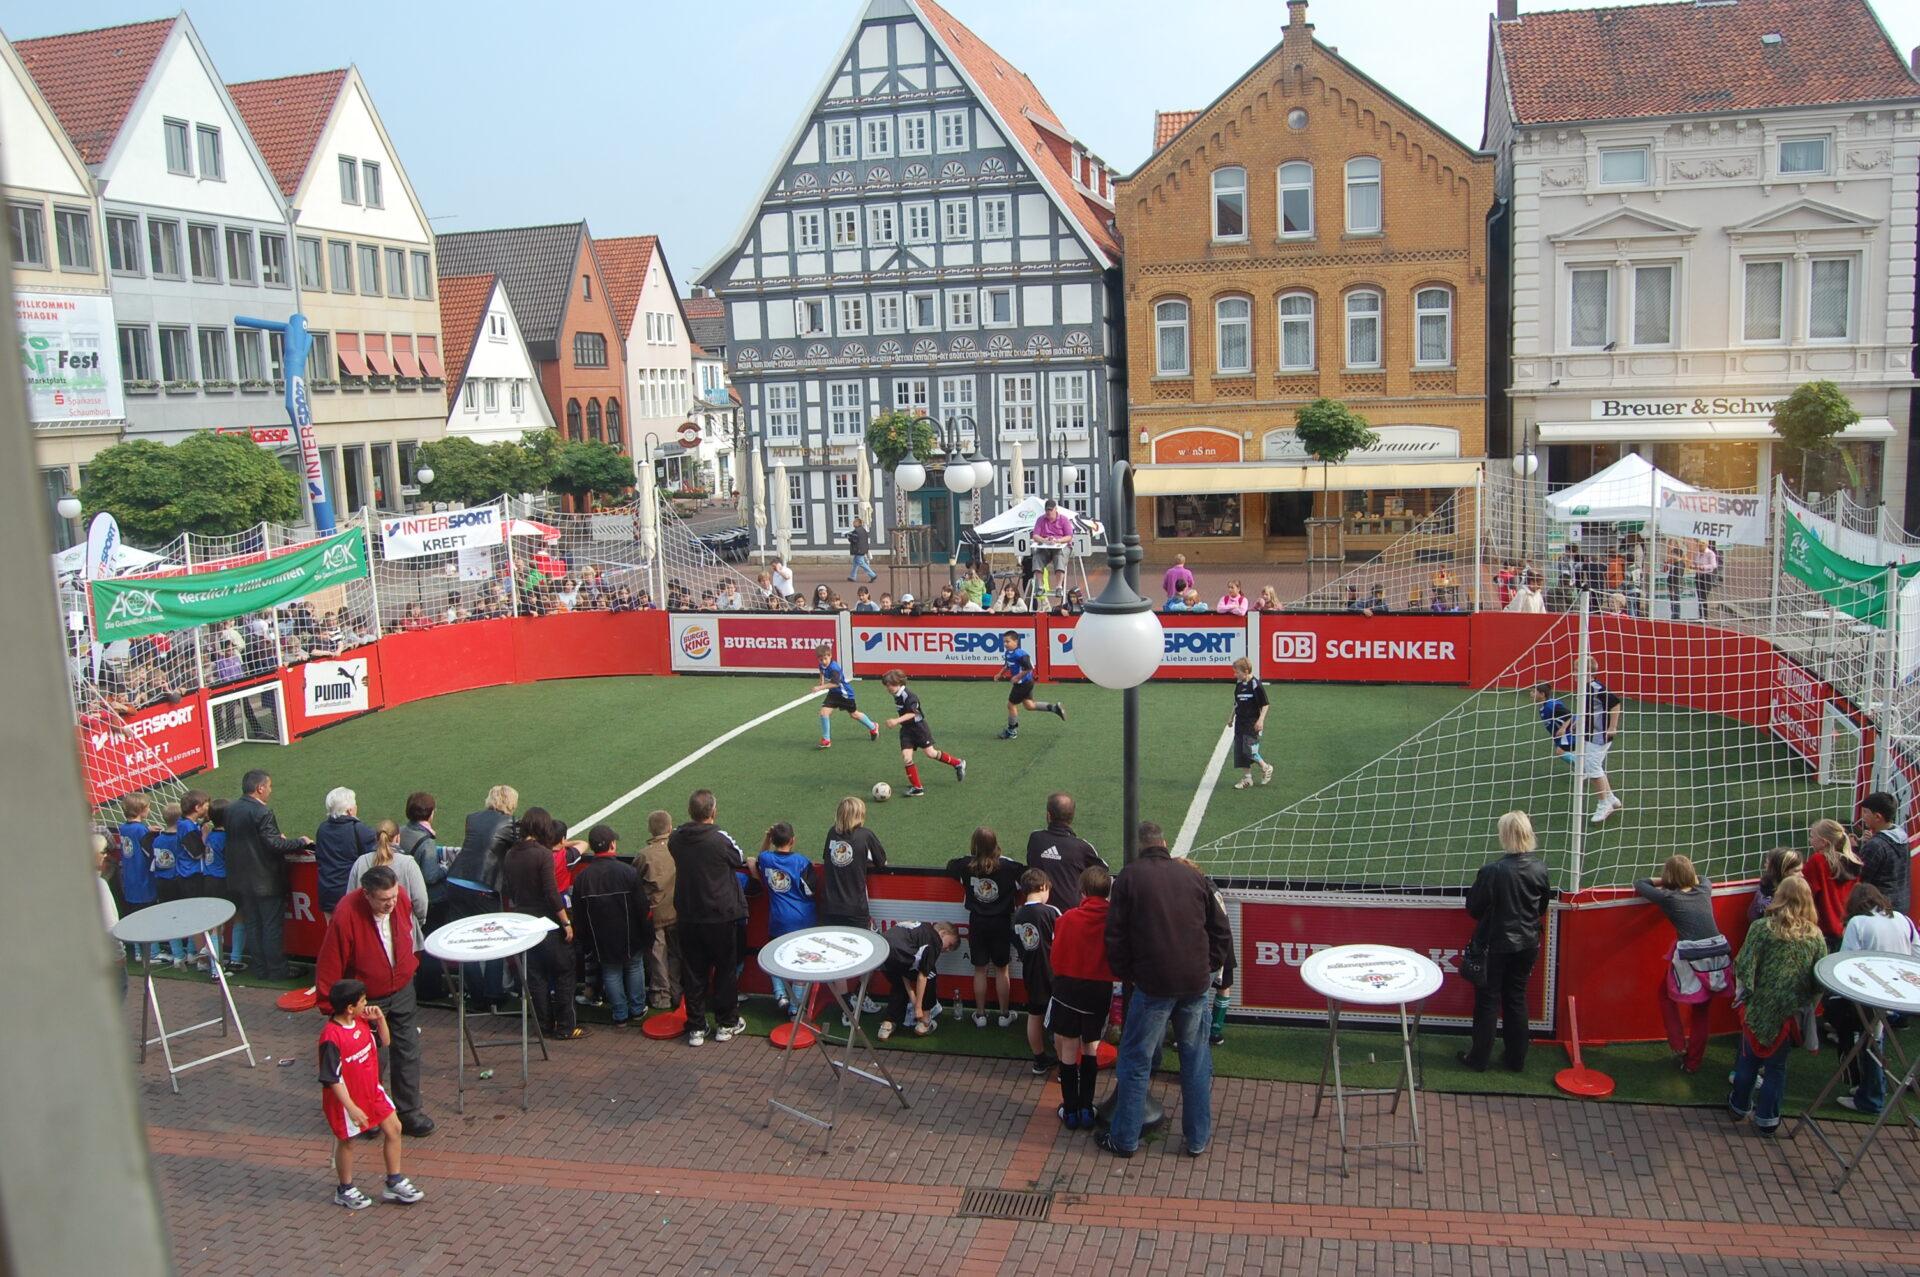 11Speedsoccer Court des Familiensporthauses Kreft auf dem Marktplatz Stadthagen